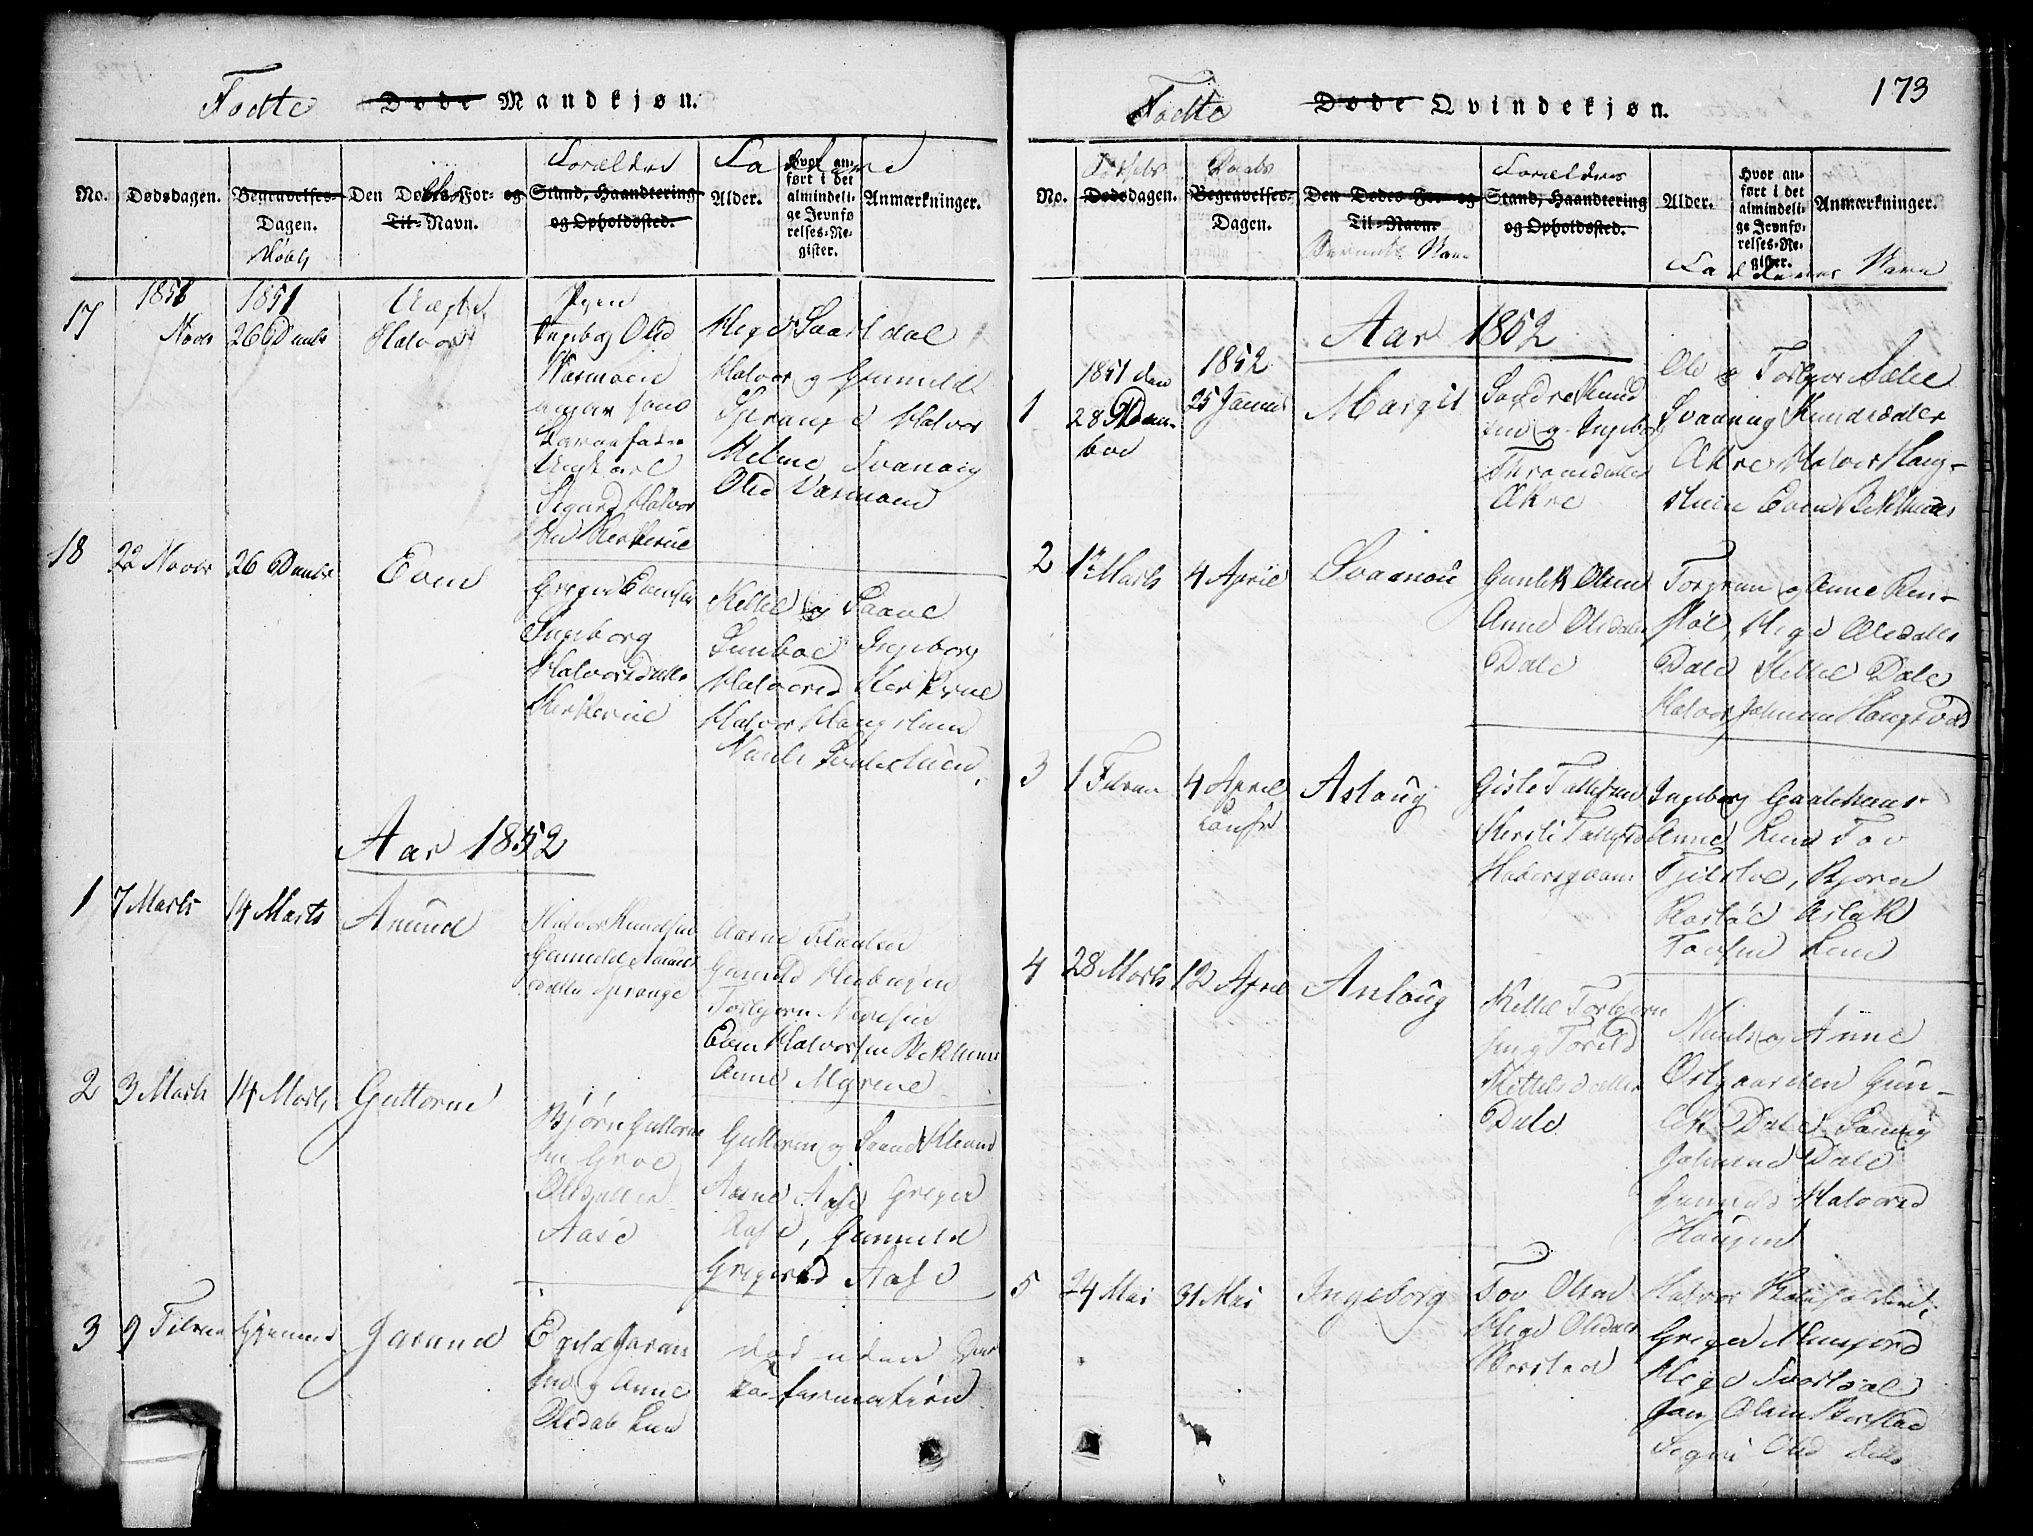 SAKO, Seljord kirkebøker, G/Gb/L0002: Klokkerbok nr. II 2, 1815-1854, s. 173